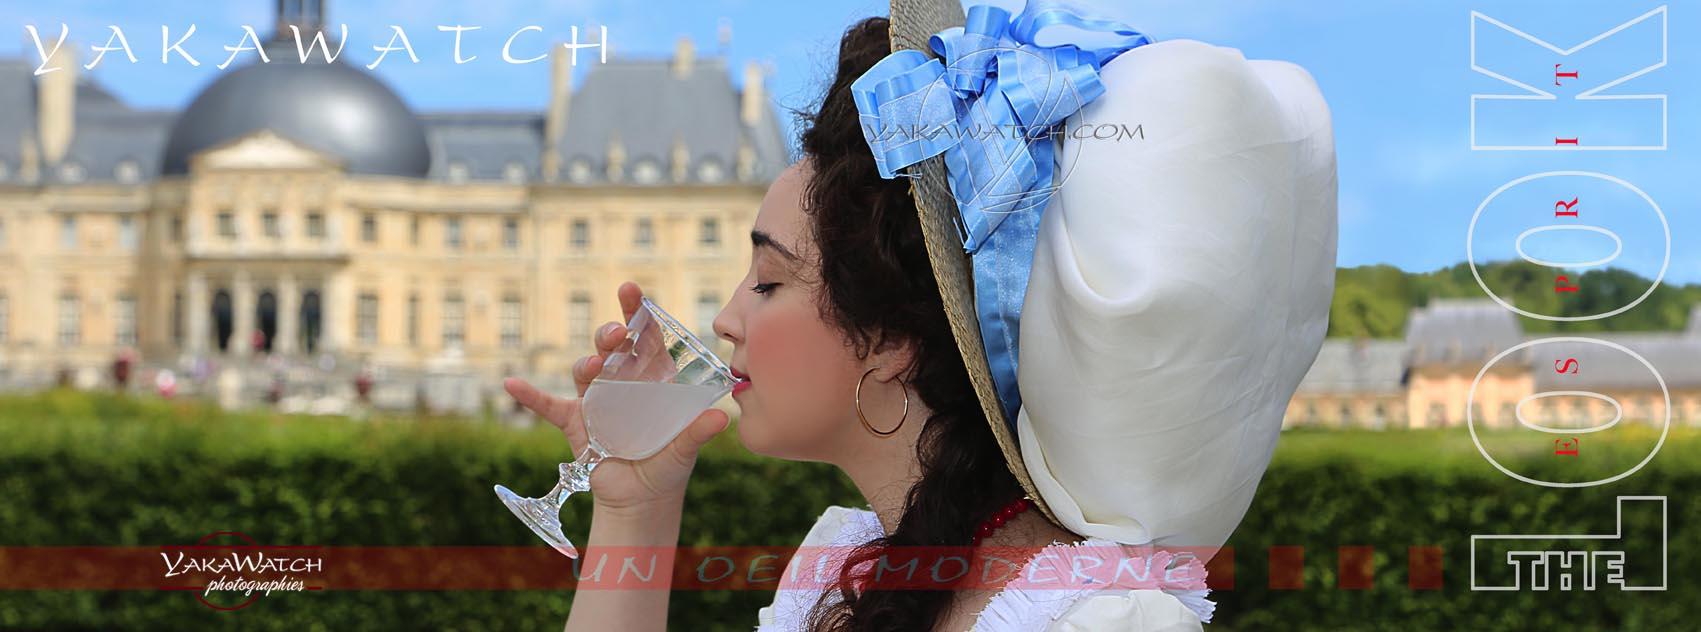 Vaux le Vicomte - Château et participante costumée à la journée Grand Siècle